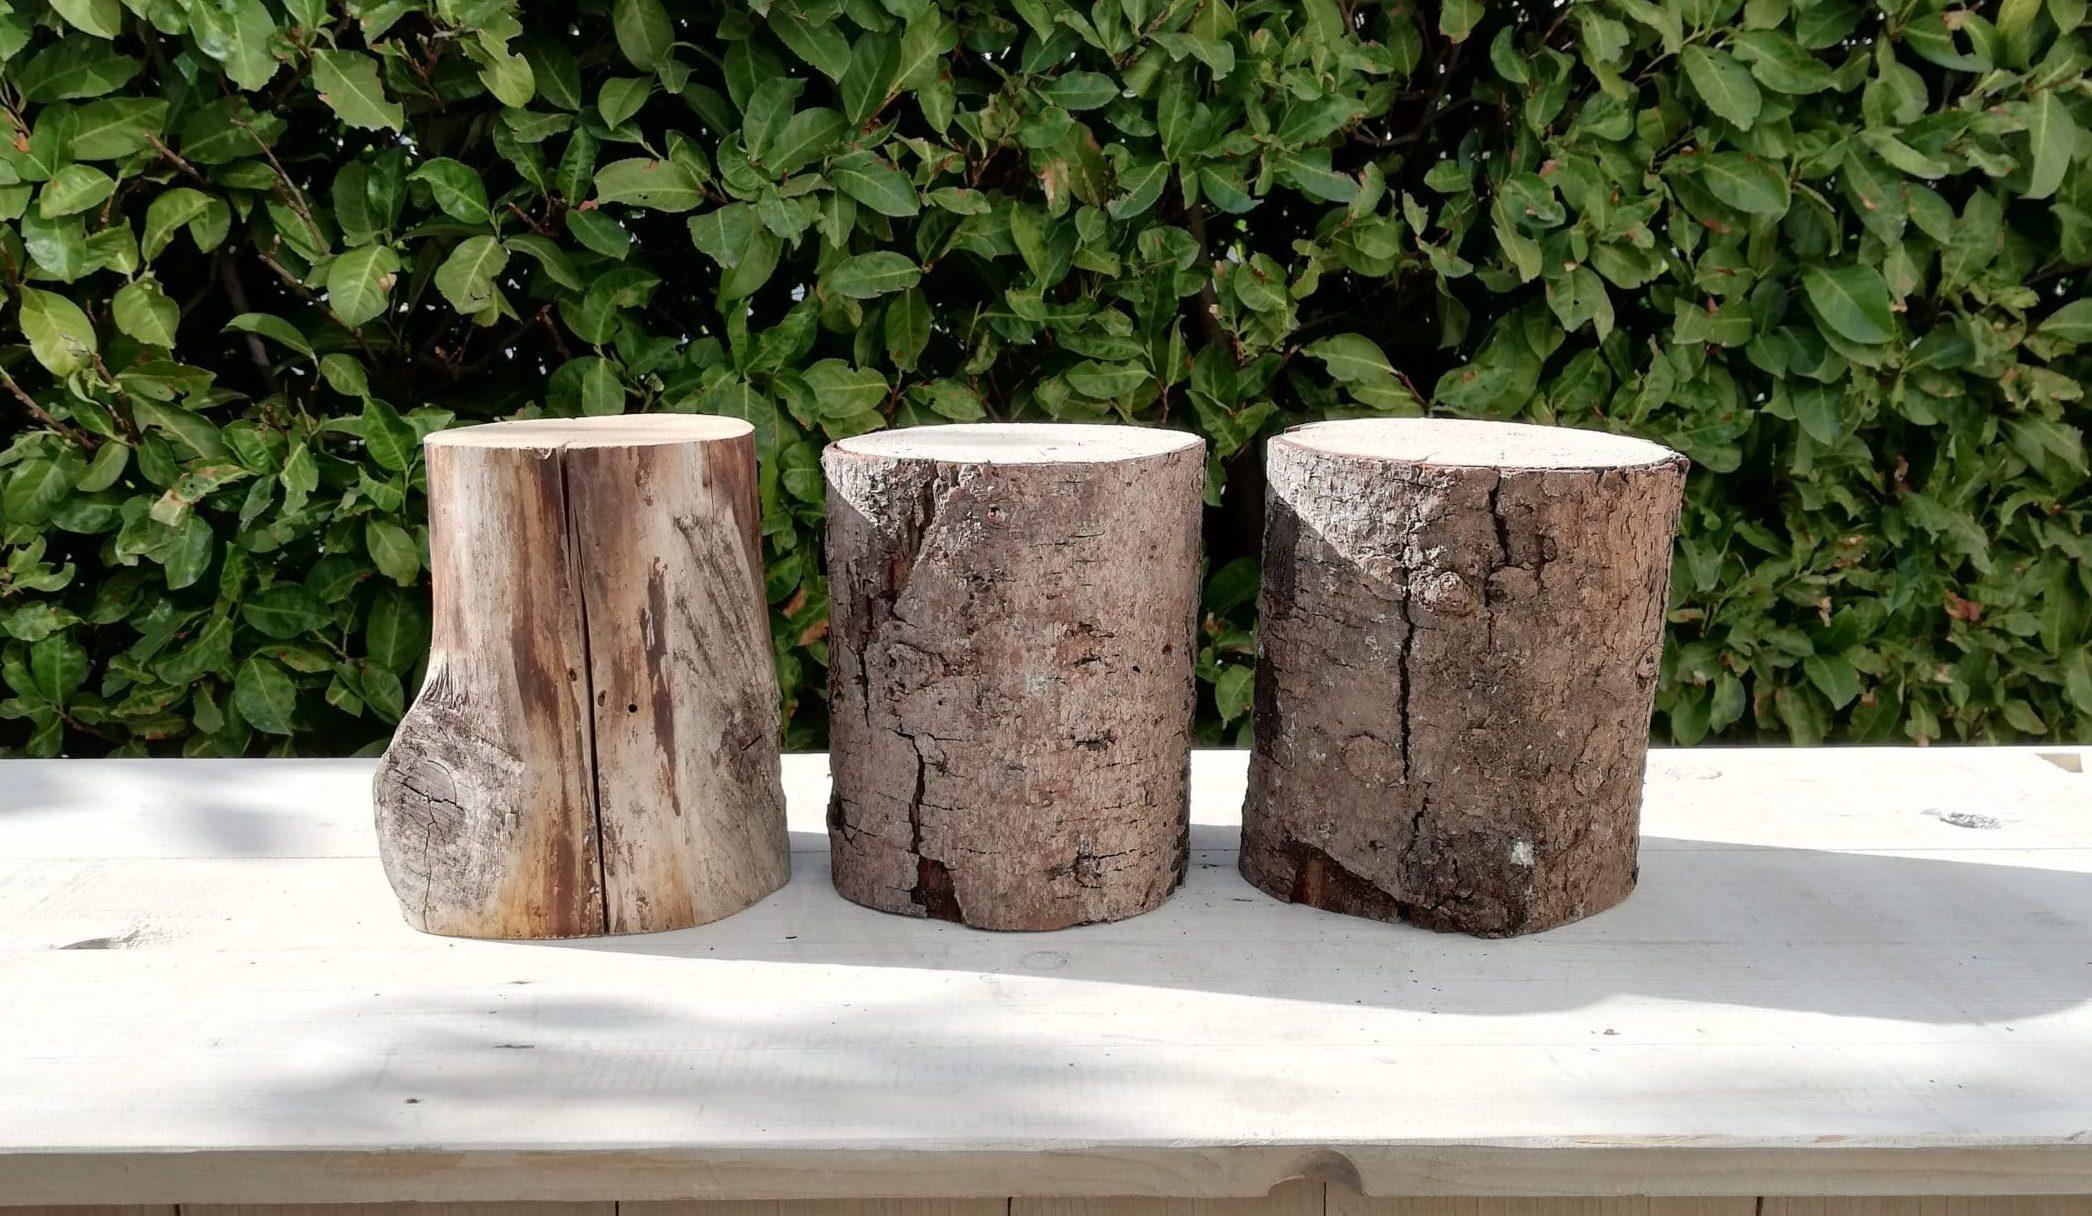 location de rondins de bois pour un mariage champêtre et nature proposés par esprit pop'up